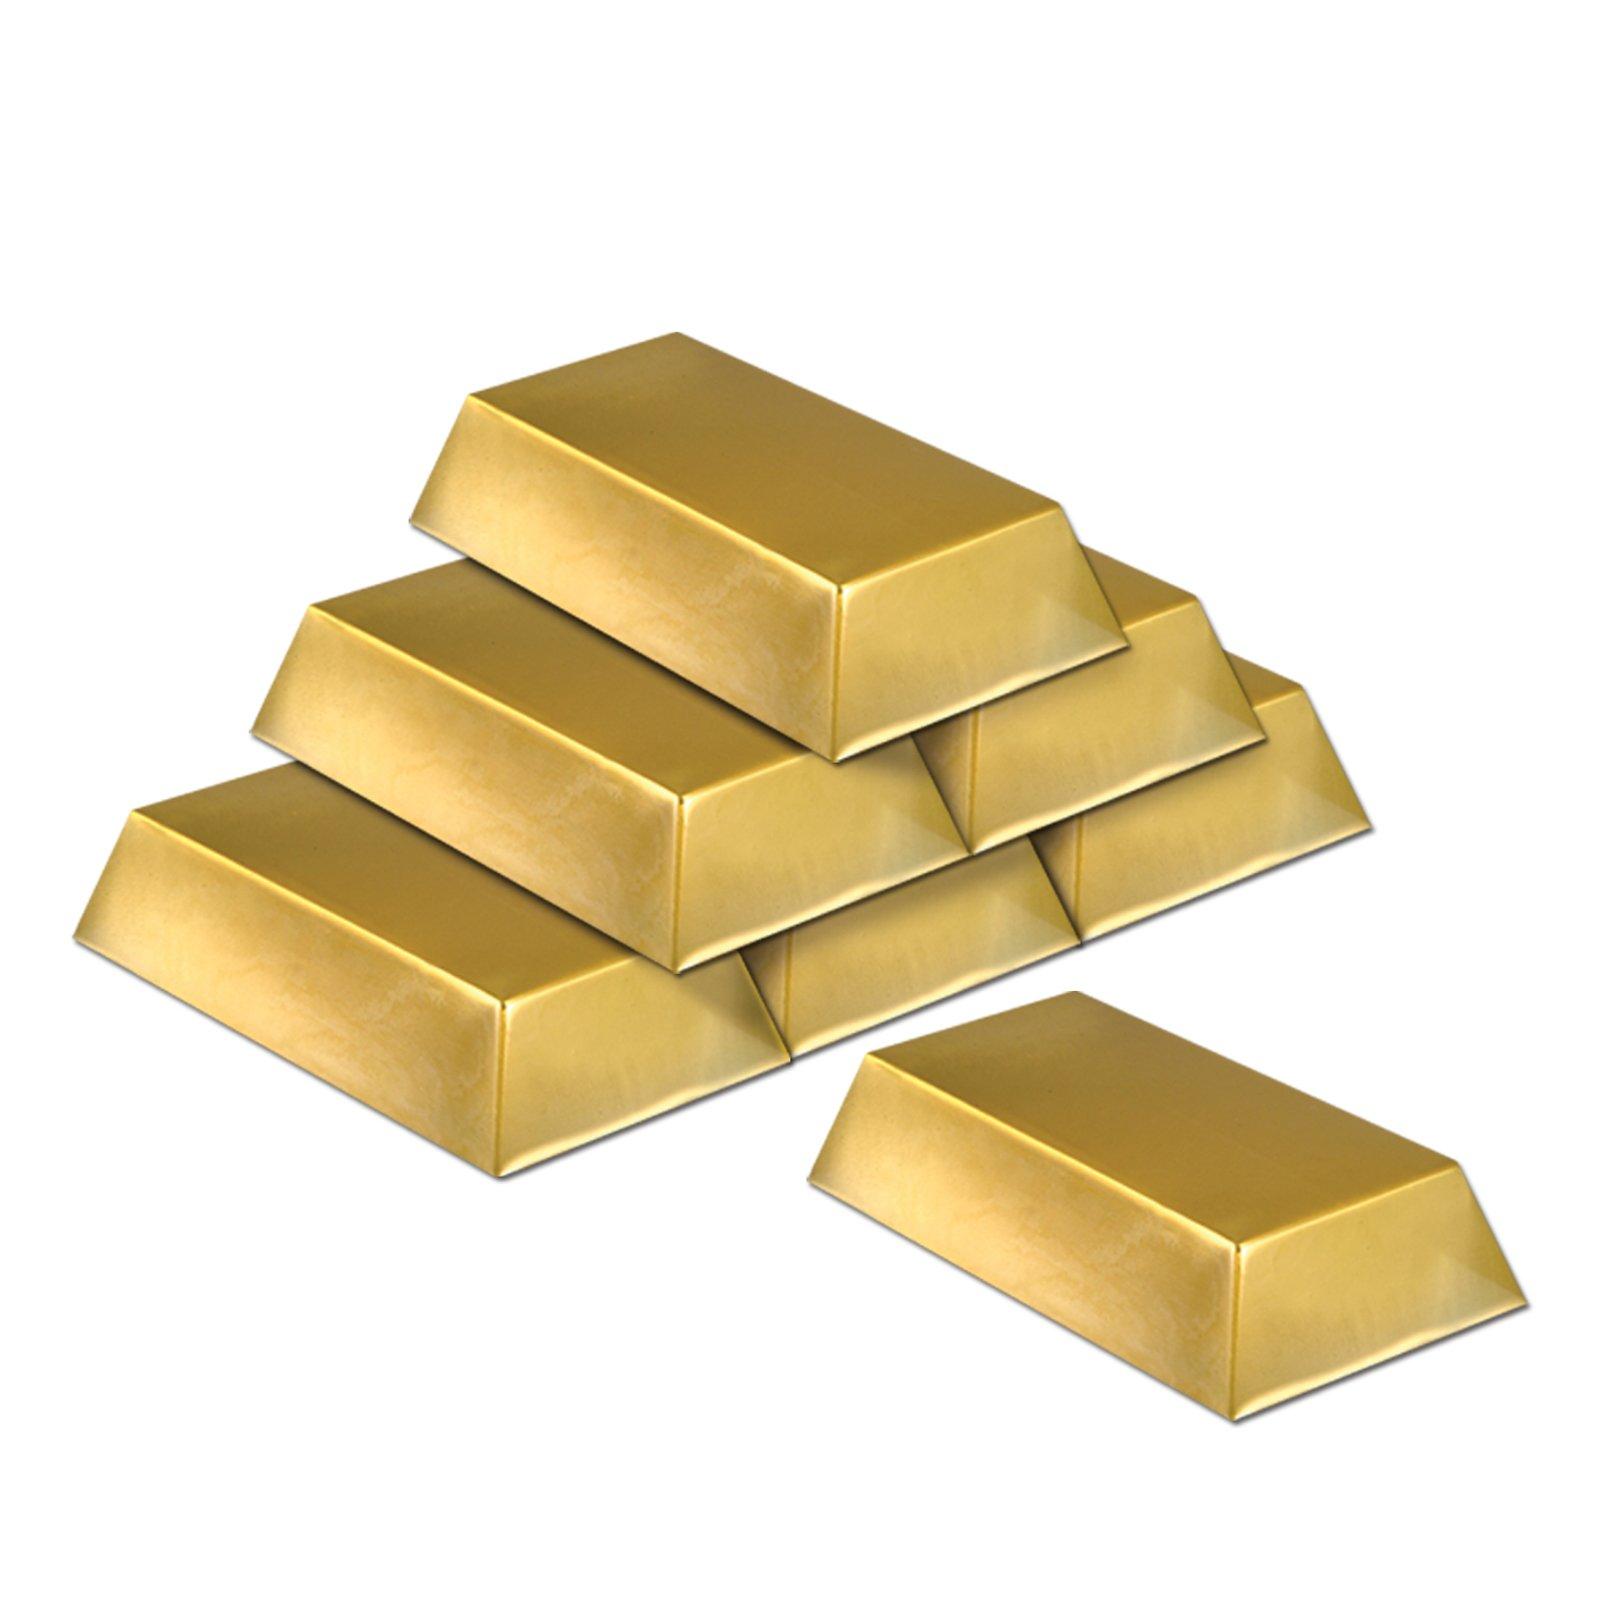 Gold Bar Decorations-6 Per Unit